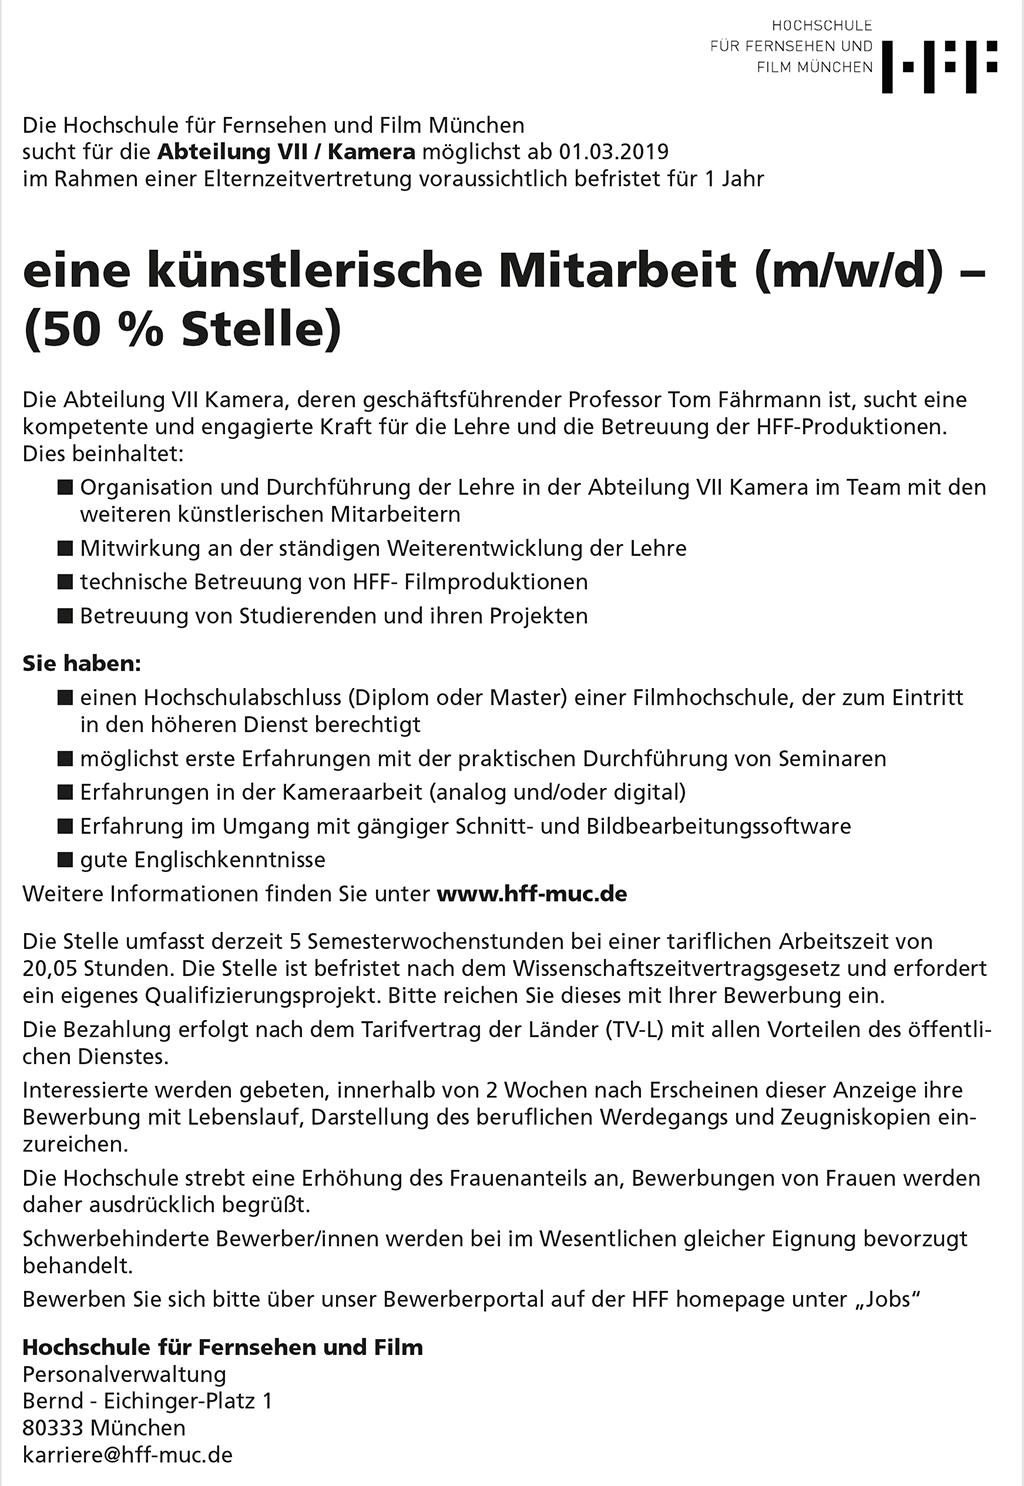 Stellenanzeige Hochschule für Fernsehen und Film München